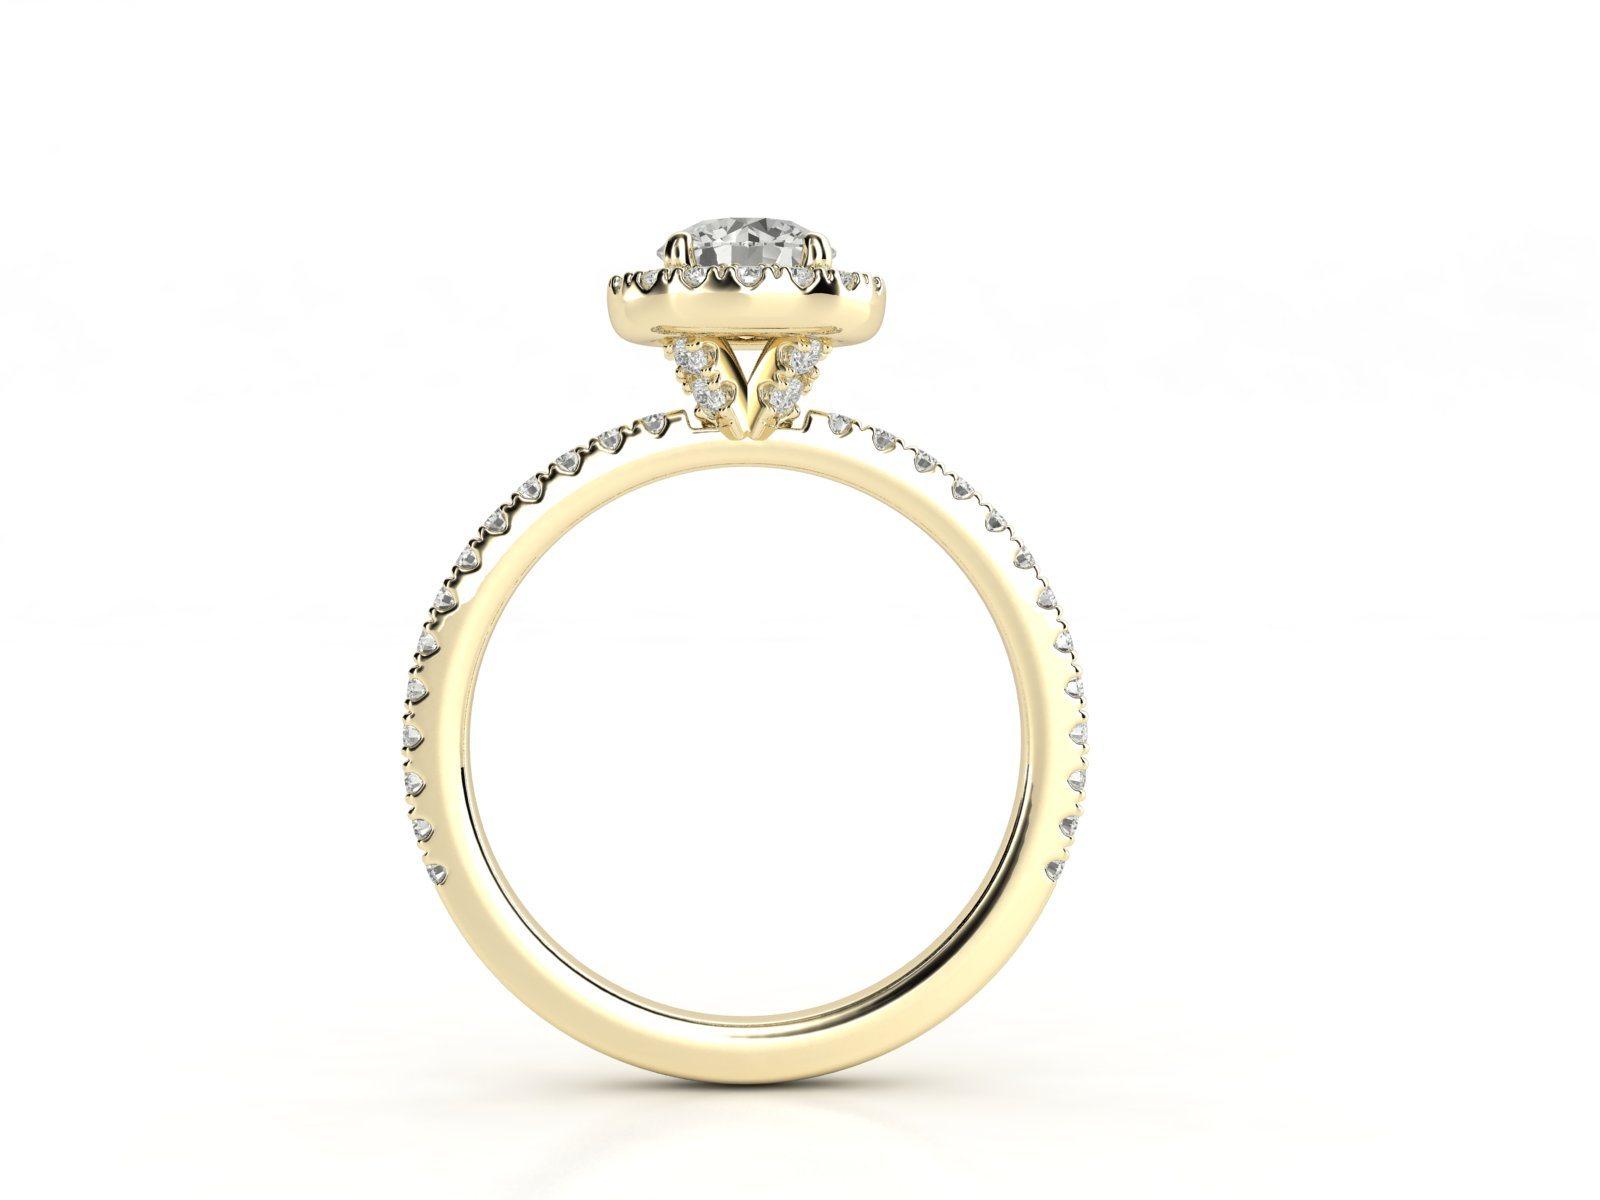 טבעת אירוסין זהב צהוב האלו פאווה רוייל ליפט 3